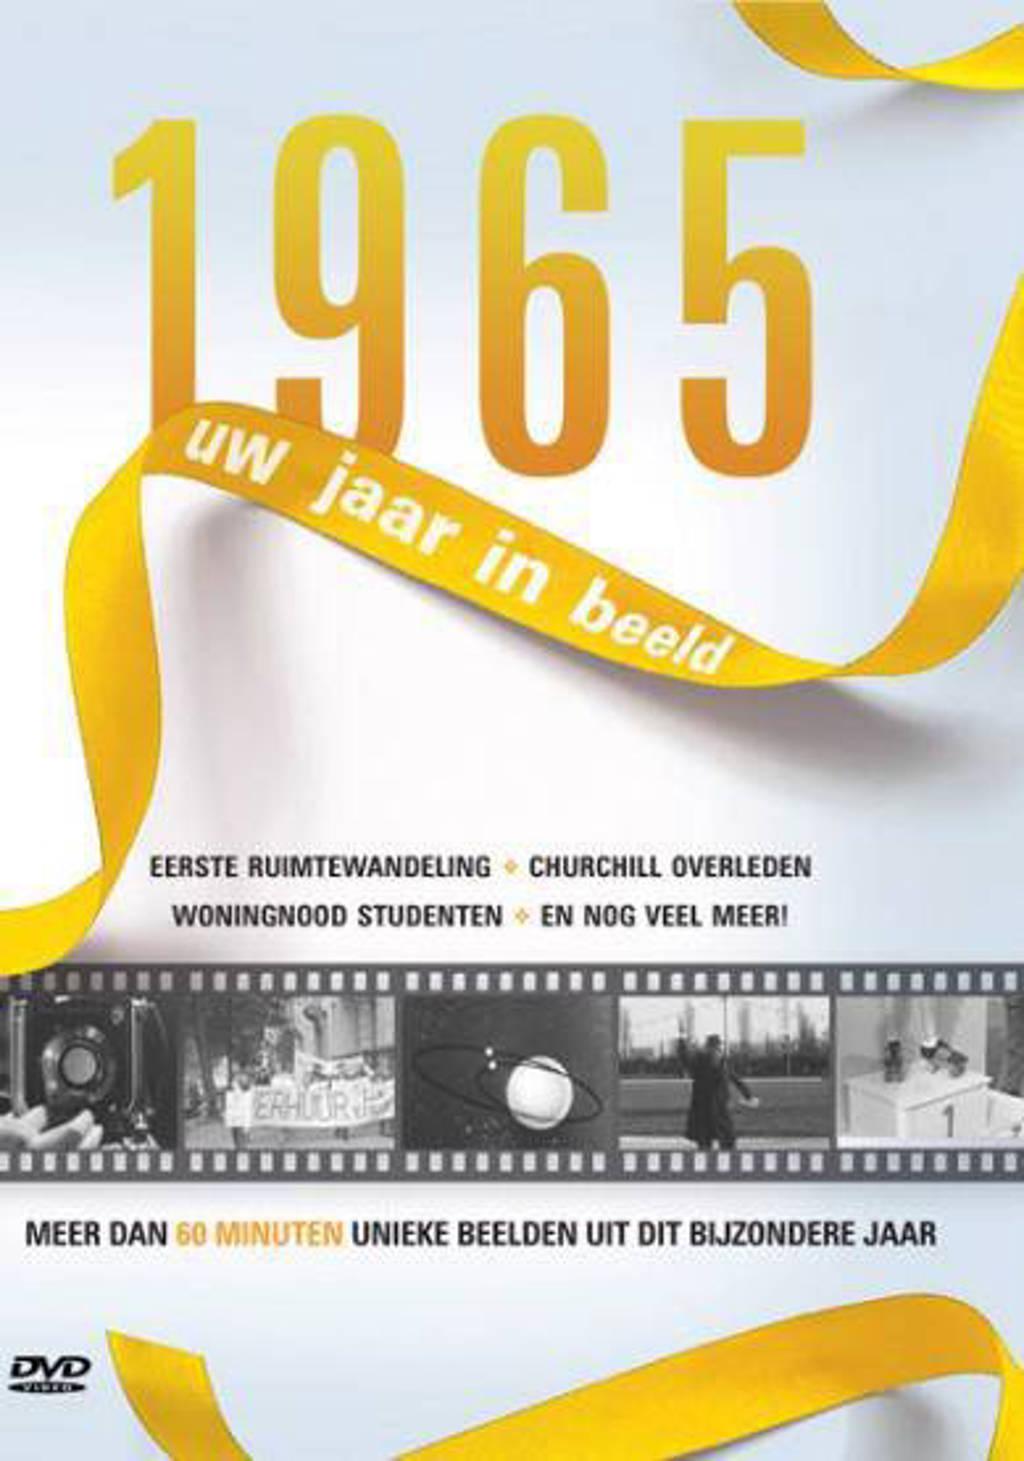 1965 Uw jaar in beeld (DVD)